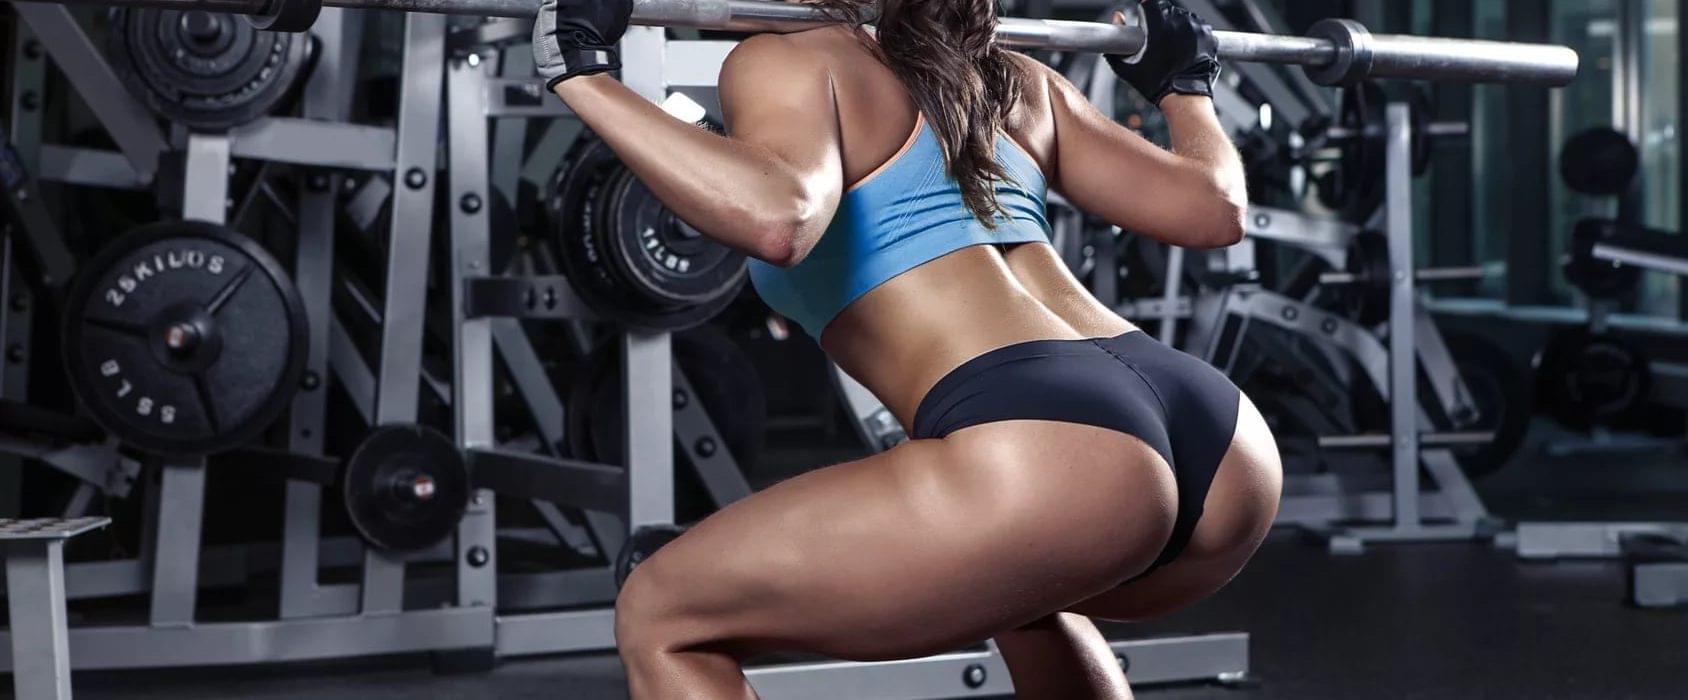 Основные механизмы роста физической силы в процессе регулярных тренировок.